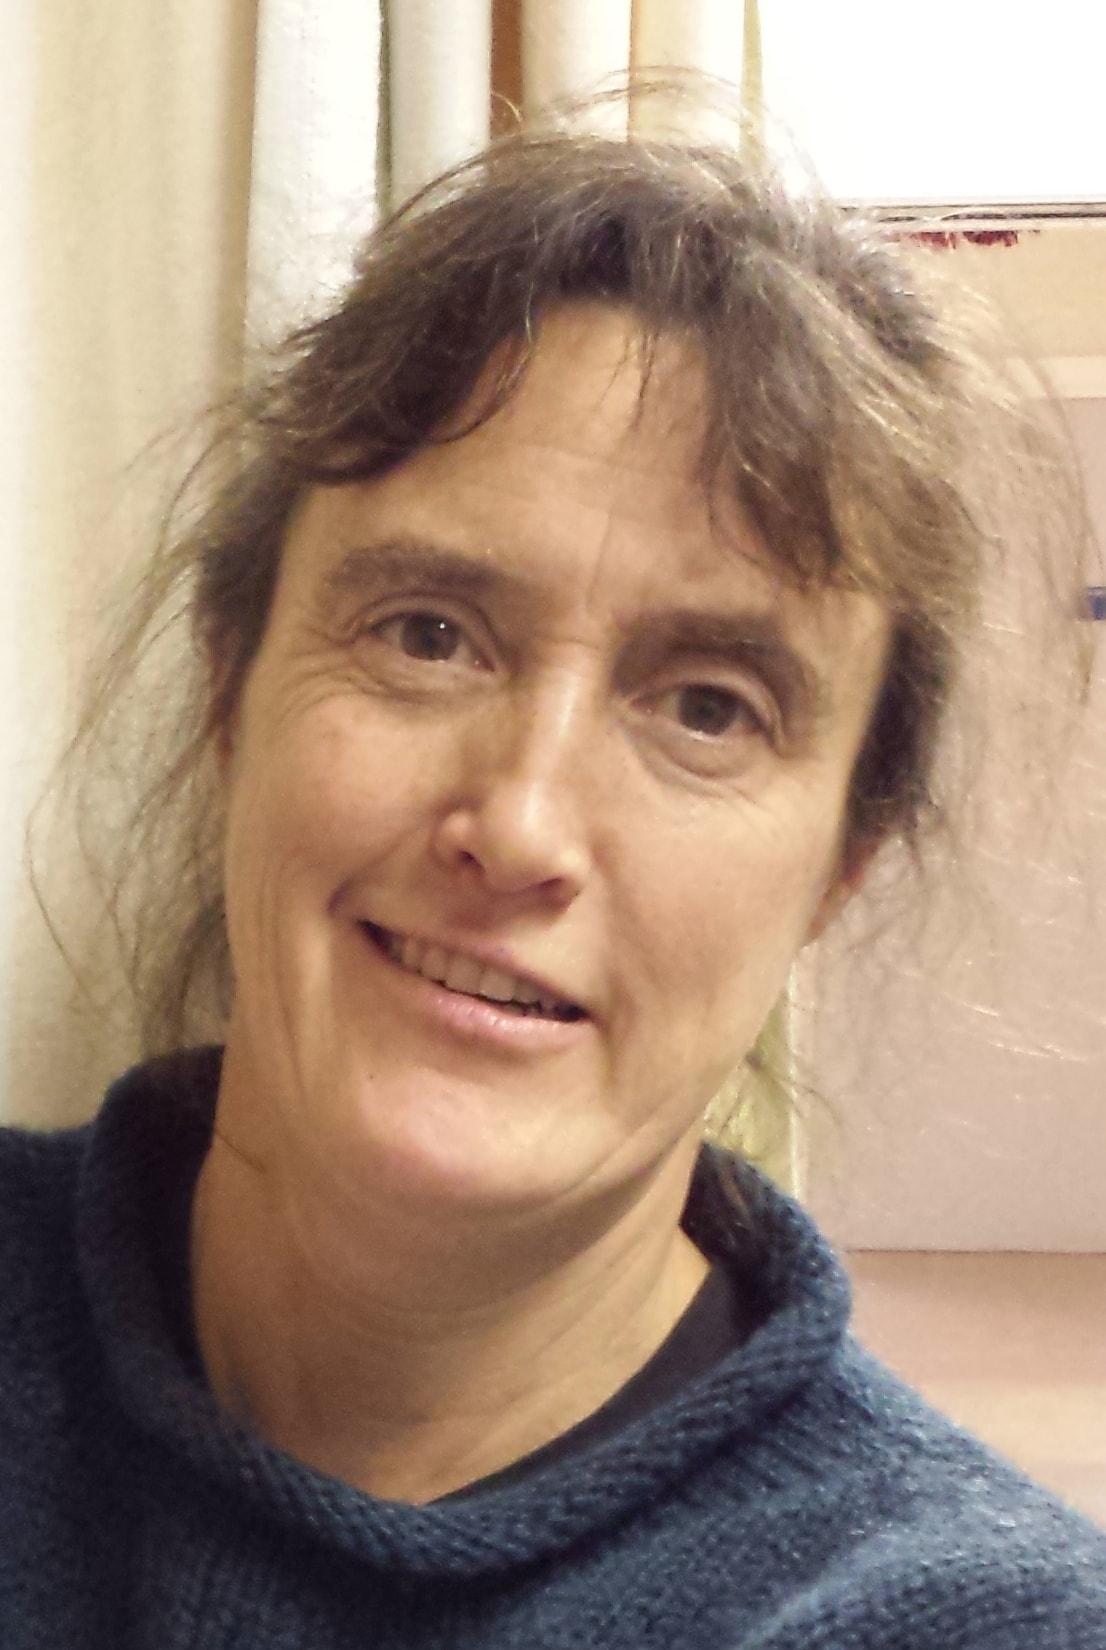 Joanna from Annan